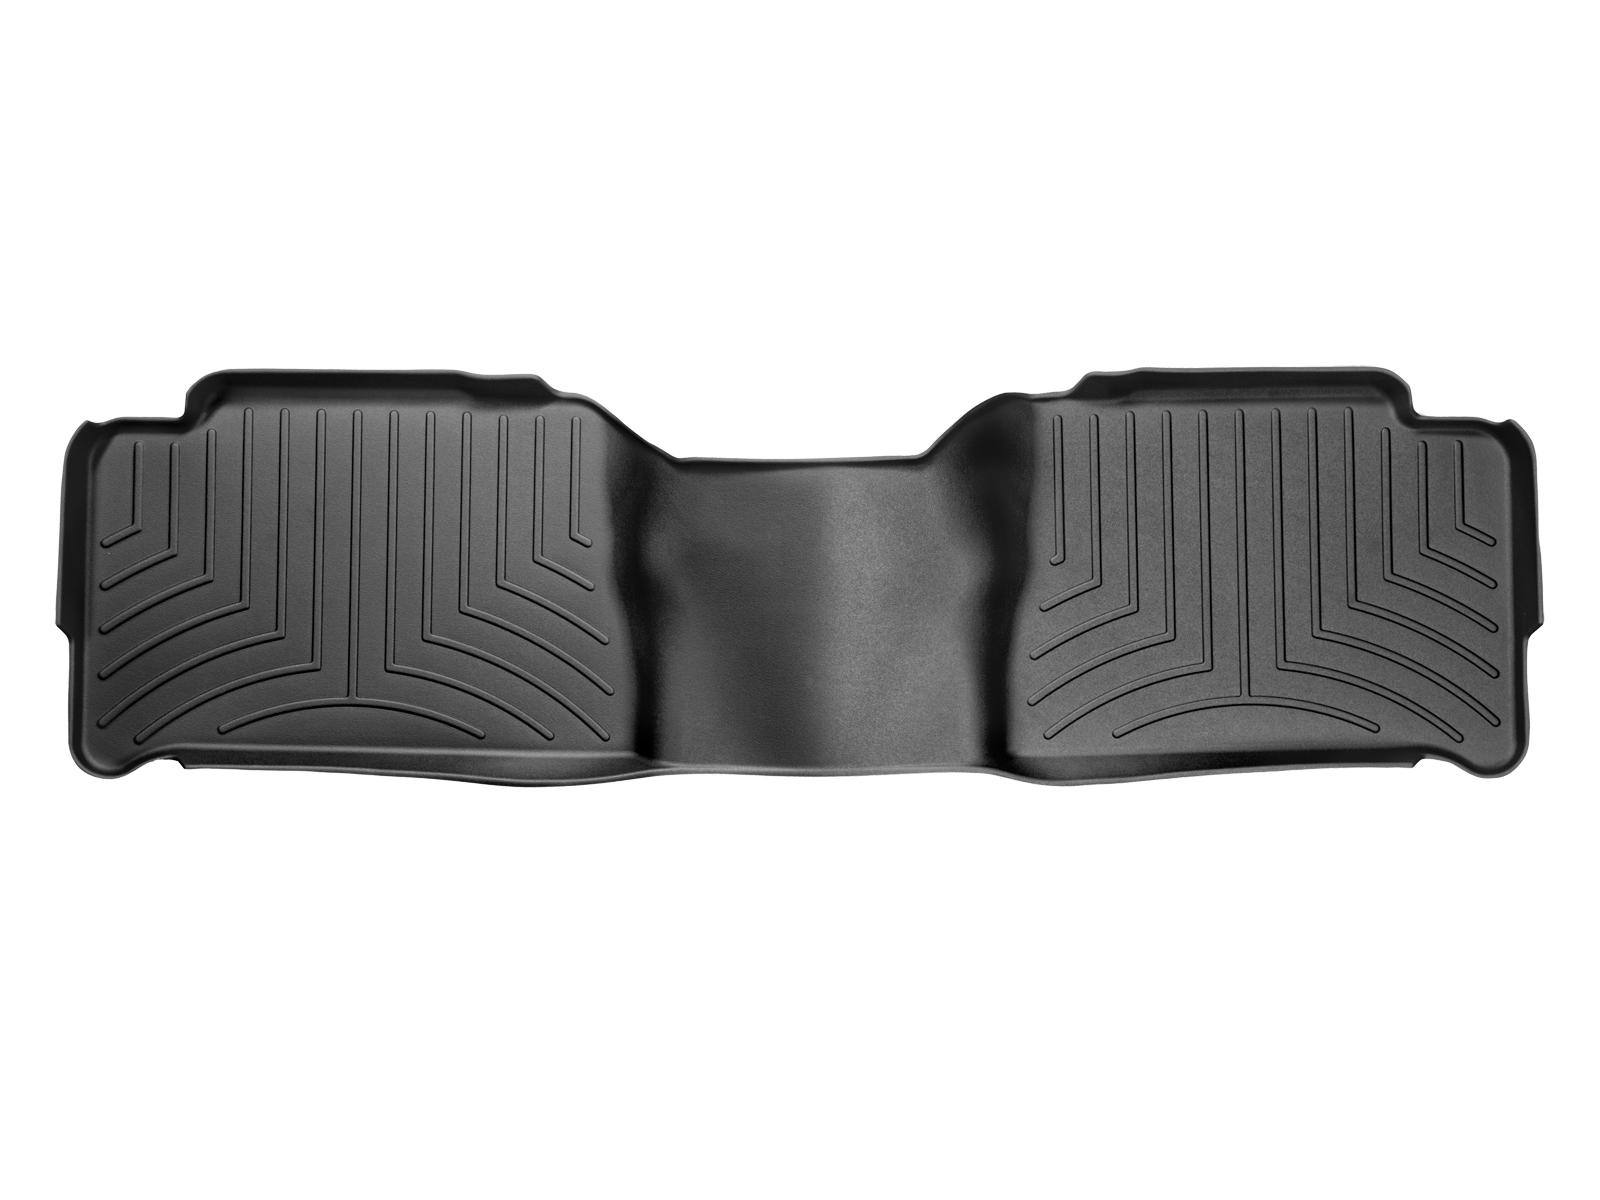 Tappeti gomma su misura bordo alto Cadillac Escalade 02>06 Nero A12*